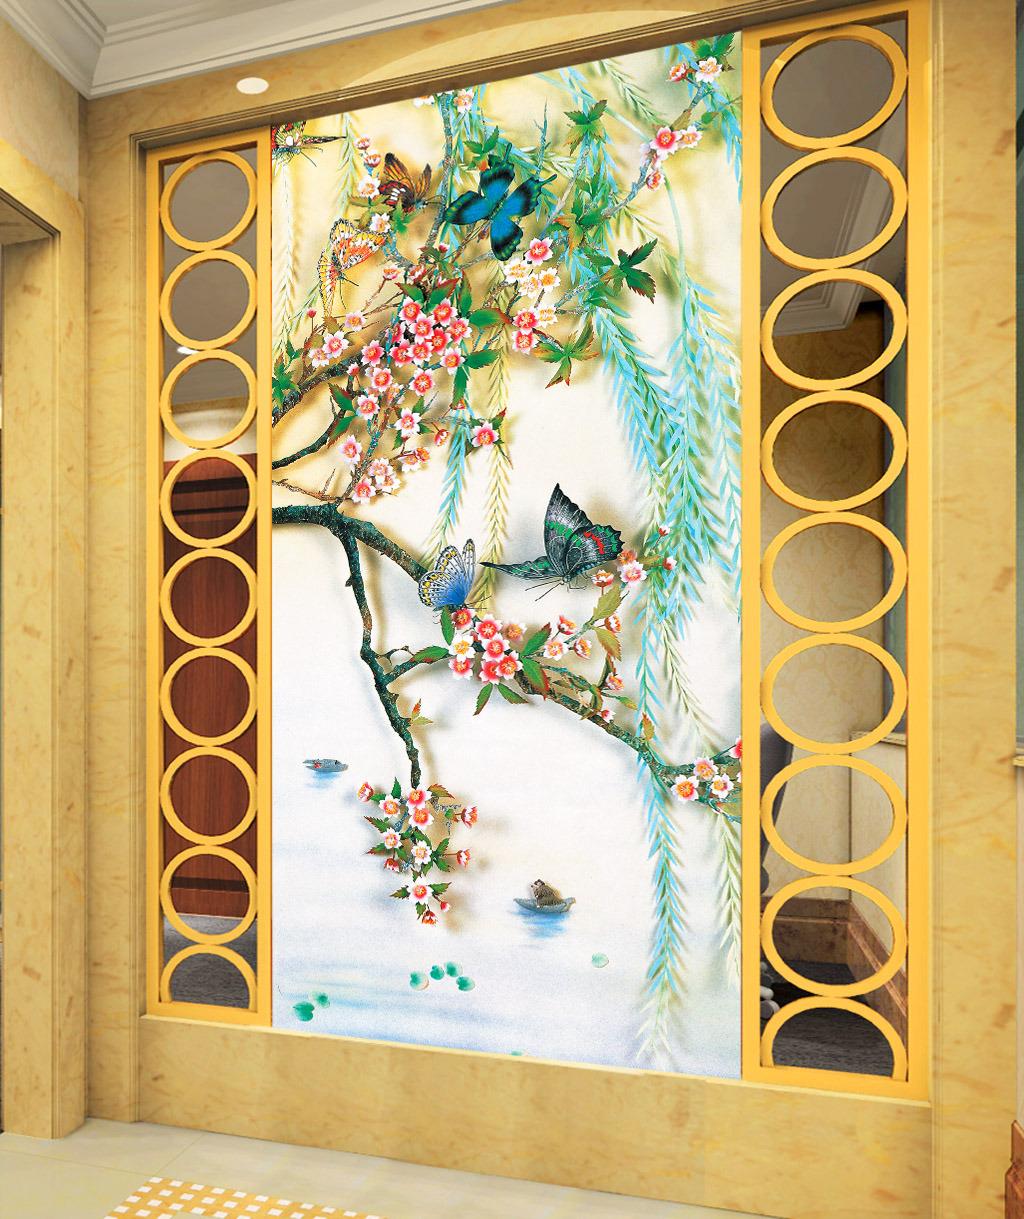 鸟语花香手绘立体油画工笔画玄关背景墙